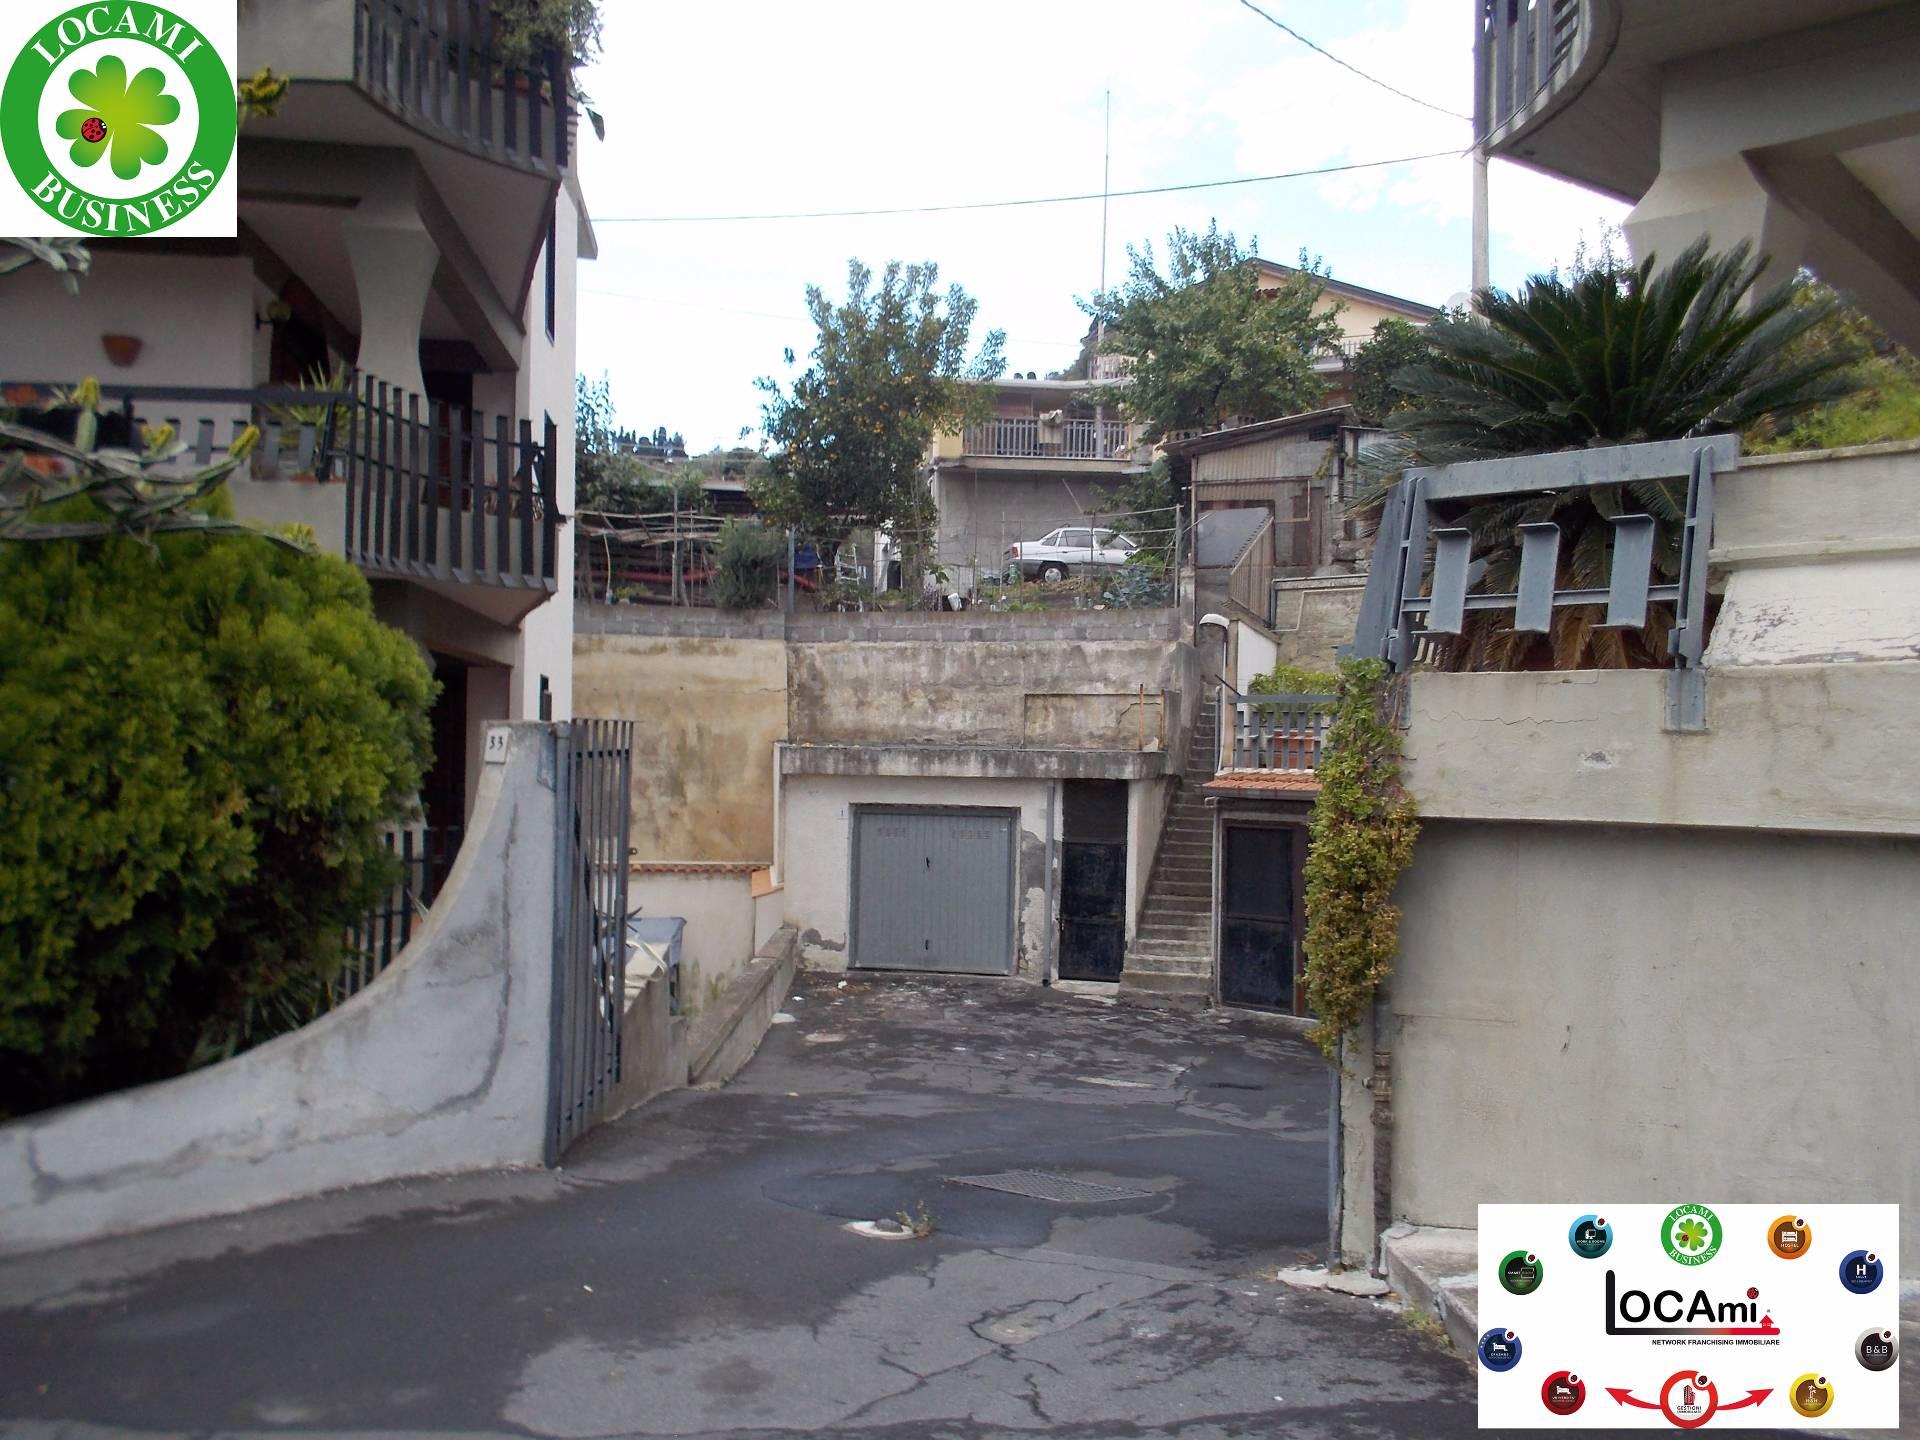 Negozio / Locale in vendita a Aci Castello, 9999 locali, zona Zona: Ficarazzi, prezzo € 75.000 | Cambio Casa.it